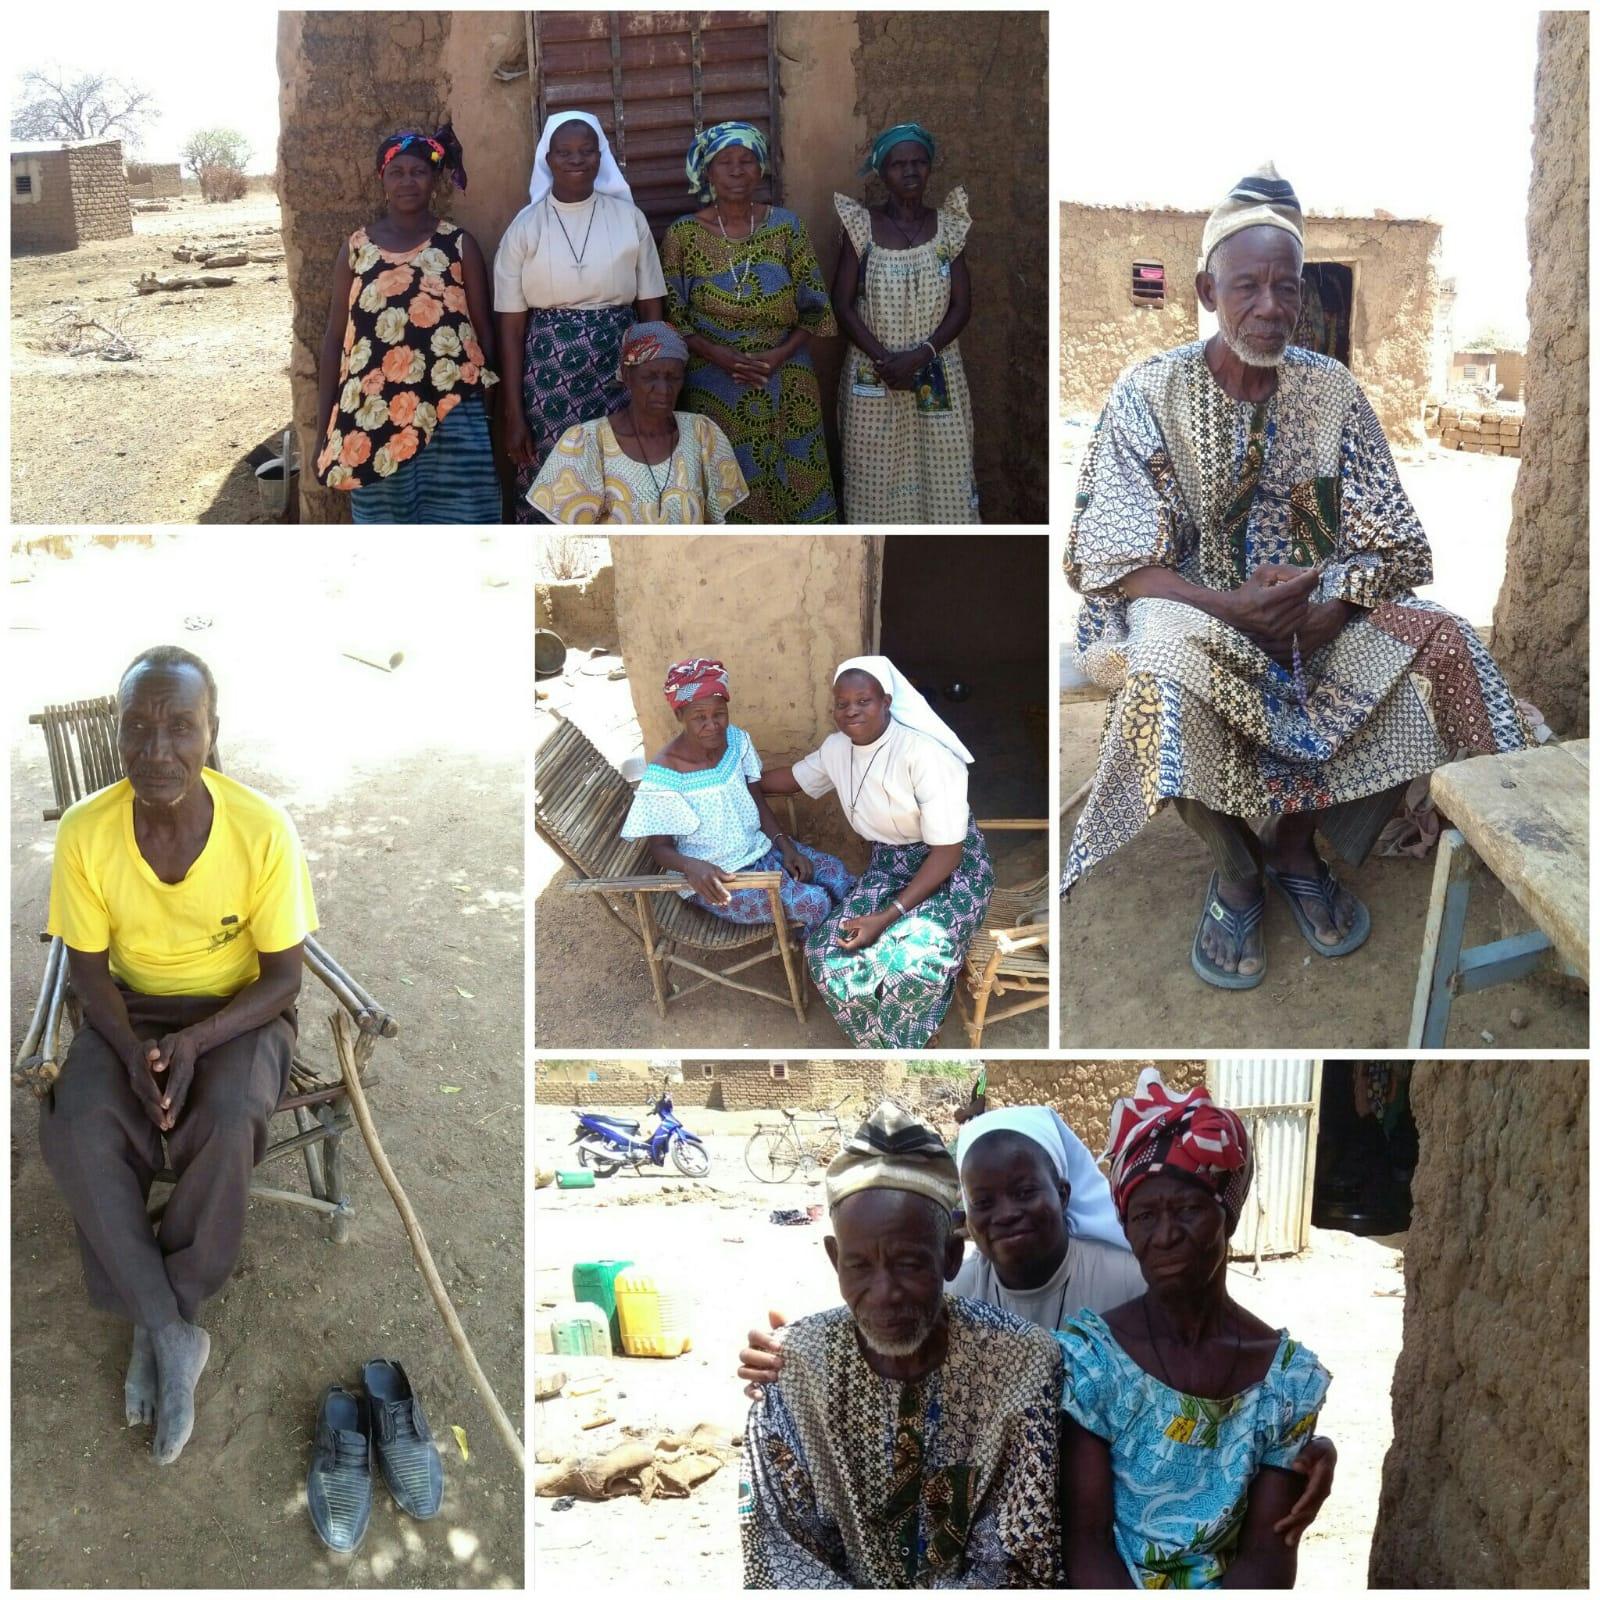 Die Schwestern besuchen regelmässig alte und kranke Dorfbewohner.